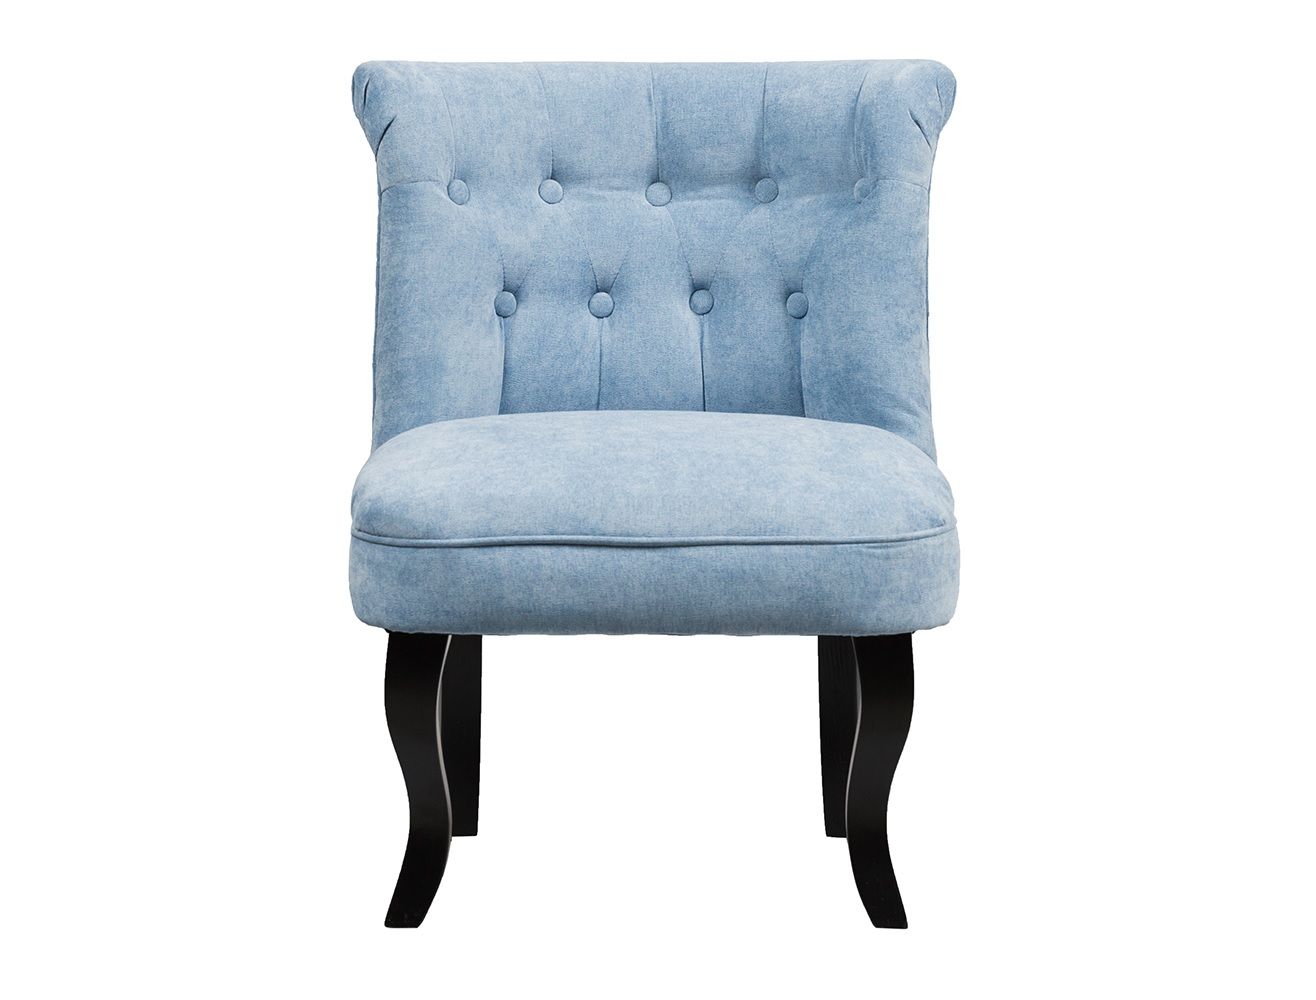 Кресло DawsonПолукресла<br>Кресло Dawson — неимоверно комфортное, удобное и красивое — выглядит так, словно вам его только что доставили из роскошного дома аристократической Франции. Богатая обивка, благородная форма деревянного каркаса самого предмета мебели, изящные ножки, нежный цвет — все говорит о его изысканности и шарме. Такое кресло непременно украсит ваш дом, добавив не только очарование и лоск, но и уют и тепло.<br><br>Material: Велюр<br>Ширина см: 56<br>Высота см: 73<br>Глубина см: 63